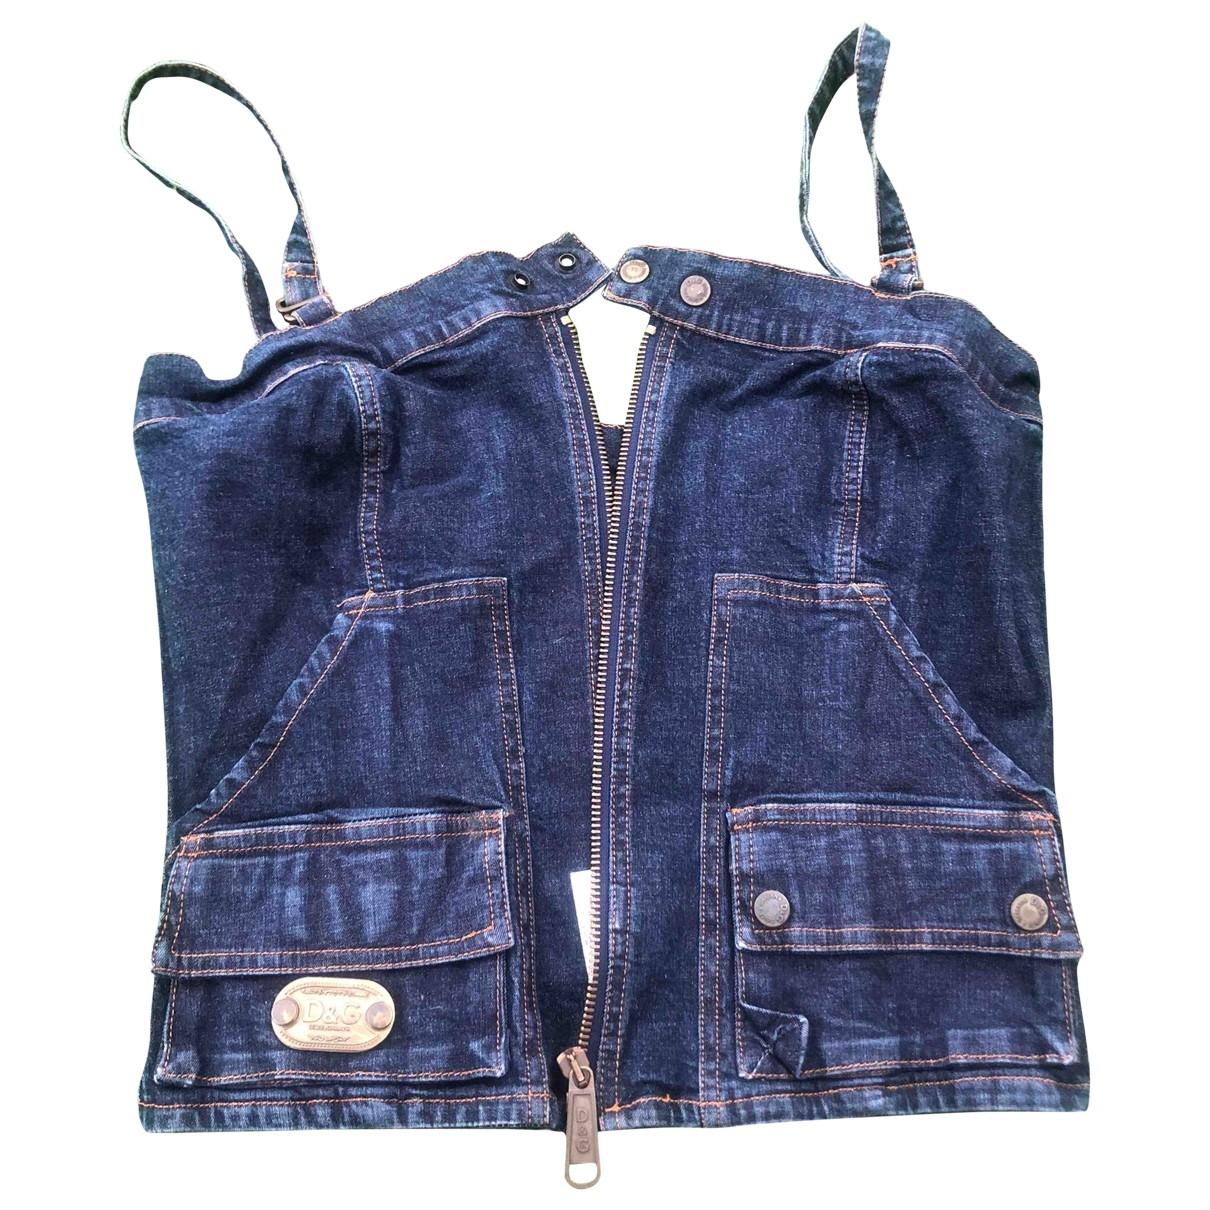 D&g \N Top in Denim - Jeans